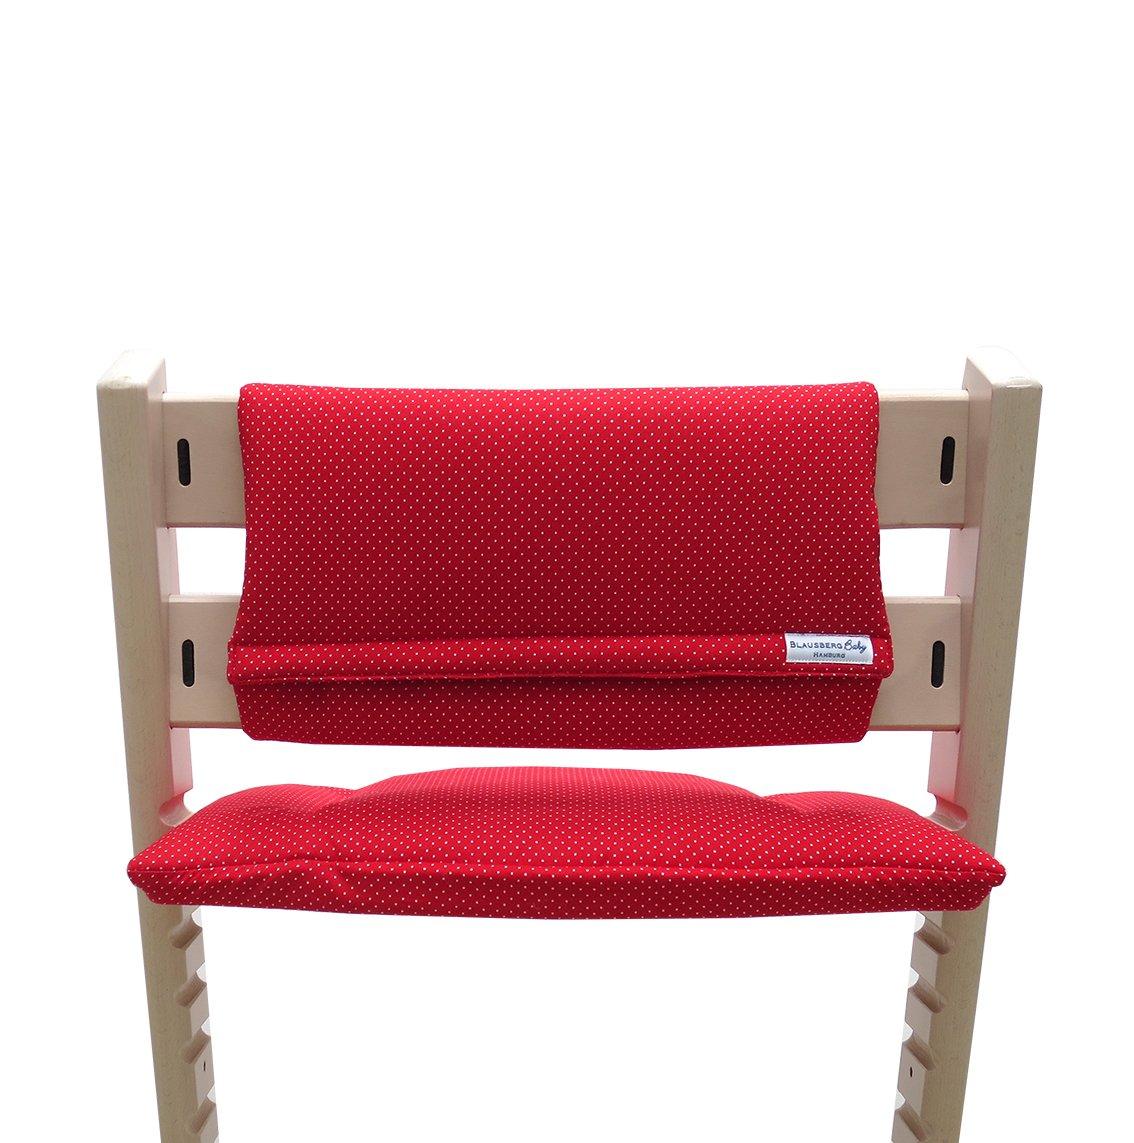 sans fente au coussin dassise - r/éducteur de si/ège rouge petits pois coussins set Junior pour chaise haute Stokke Tripp Trapp Blausberg Baby